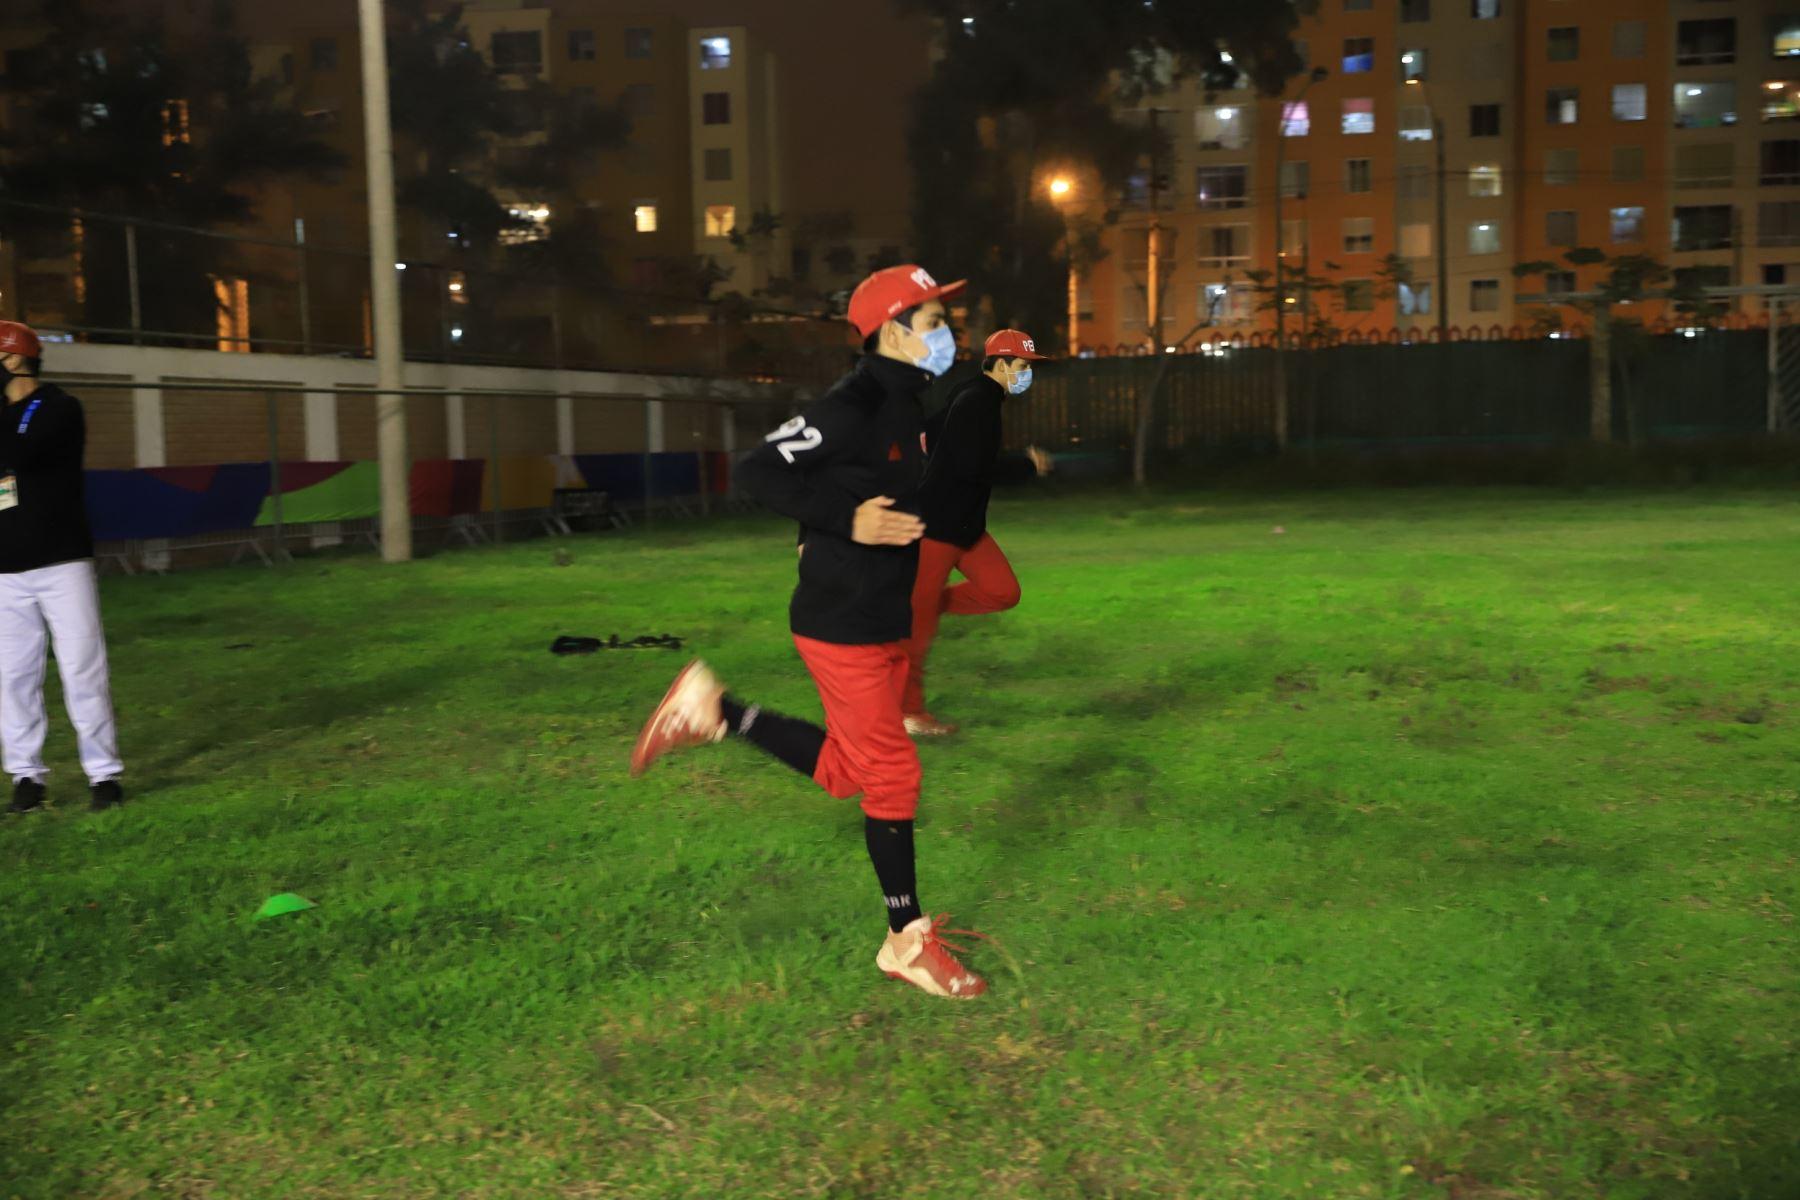 El sóftbol peruano ya entrena en la Videna respetando los protocolos